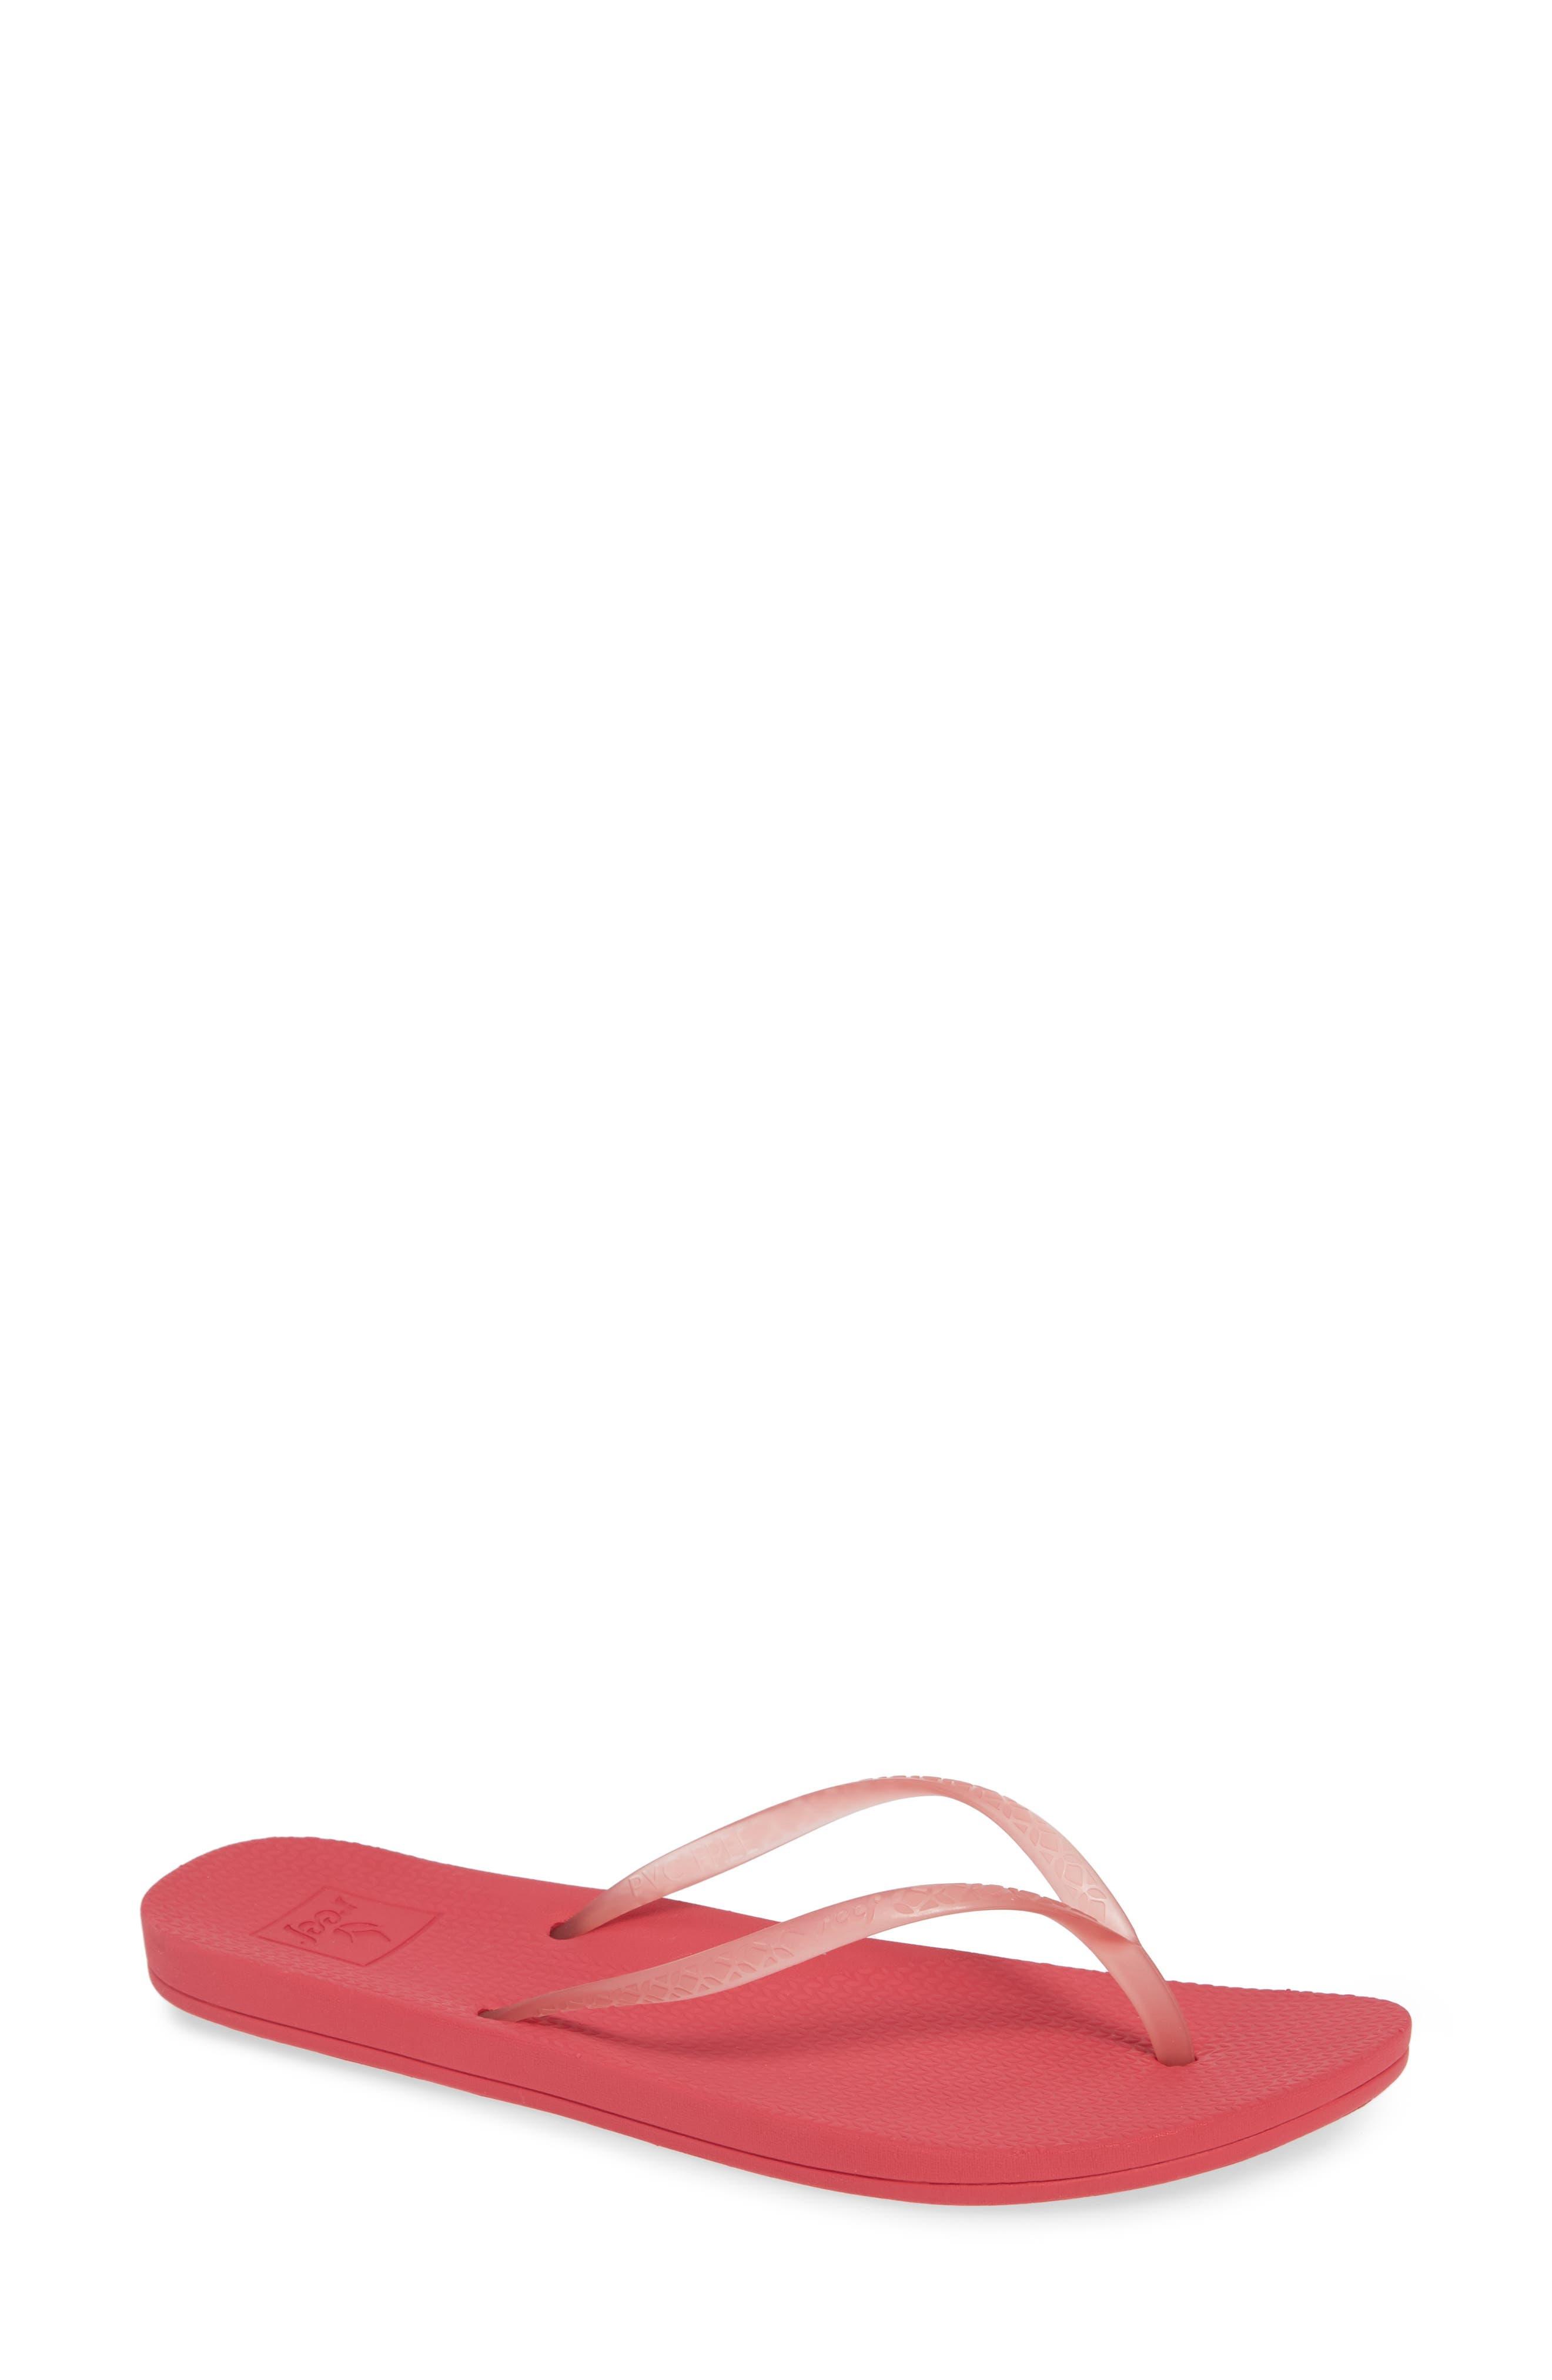 Escape Lux Flip Flop,                         Main,                         color, 660